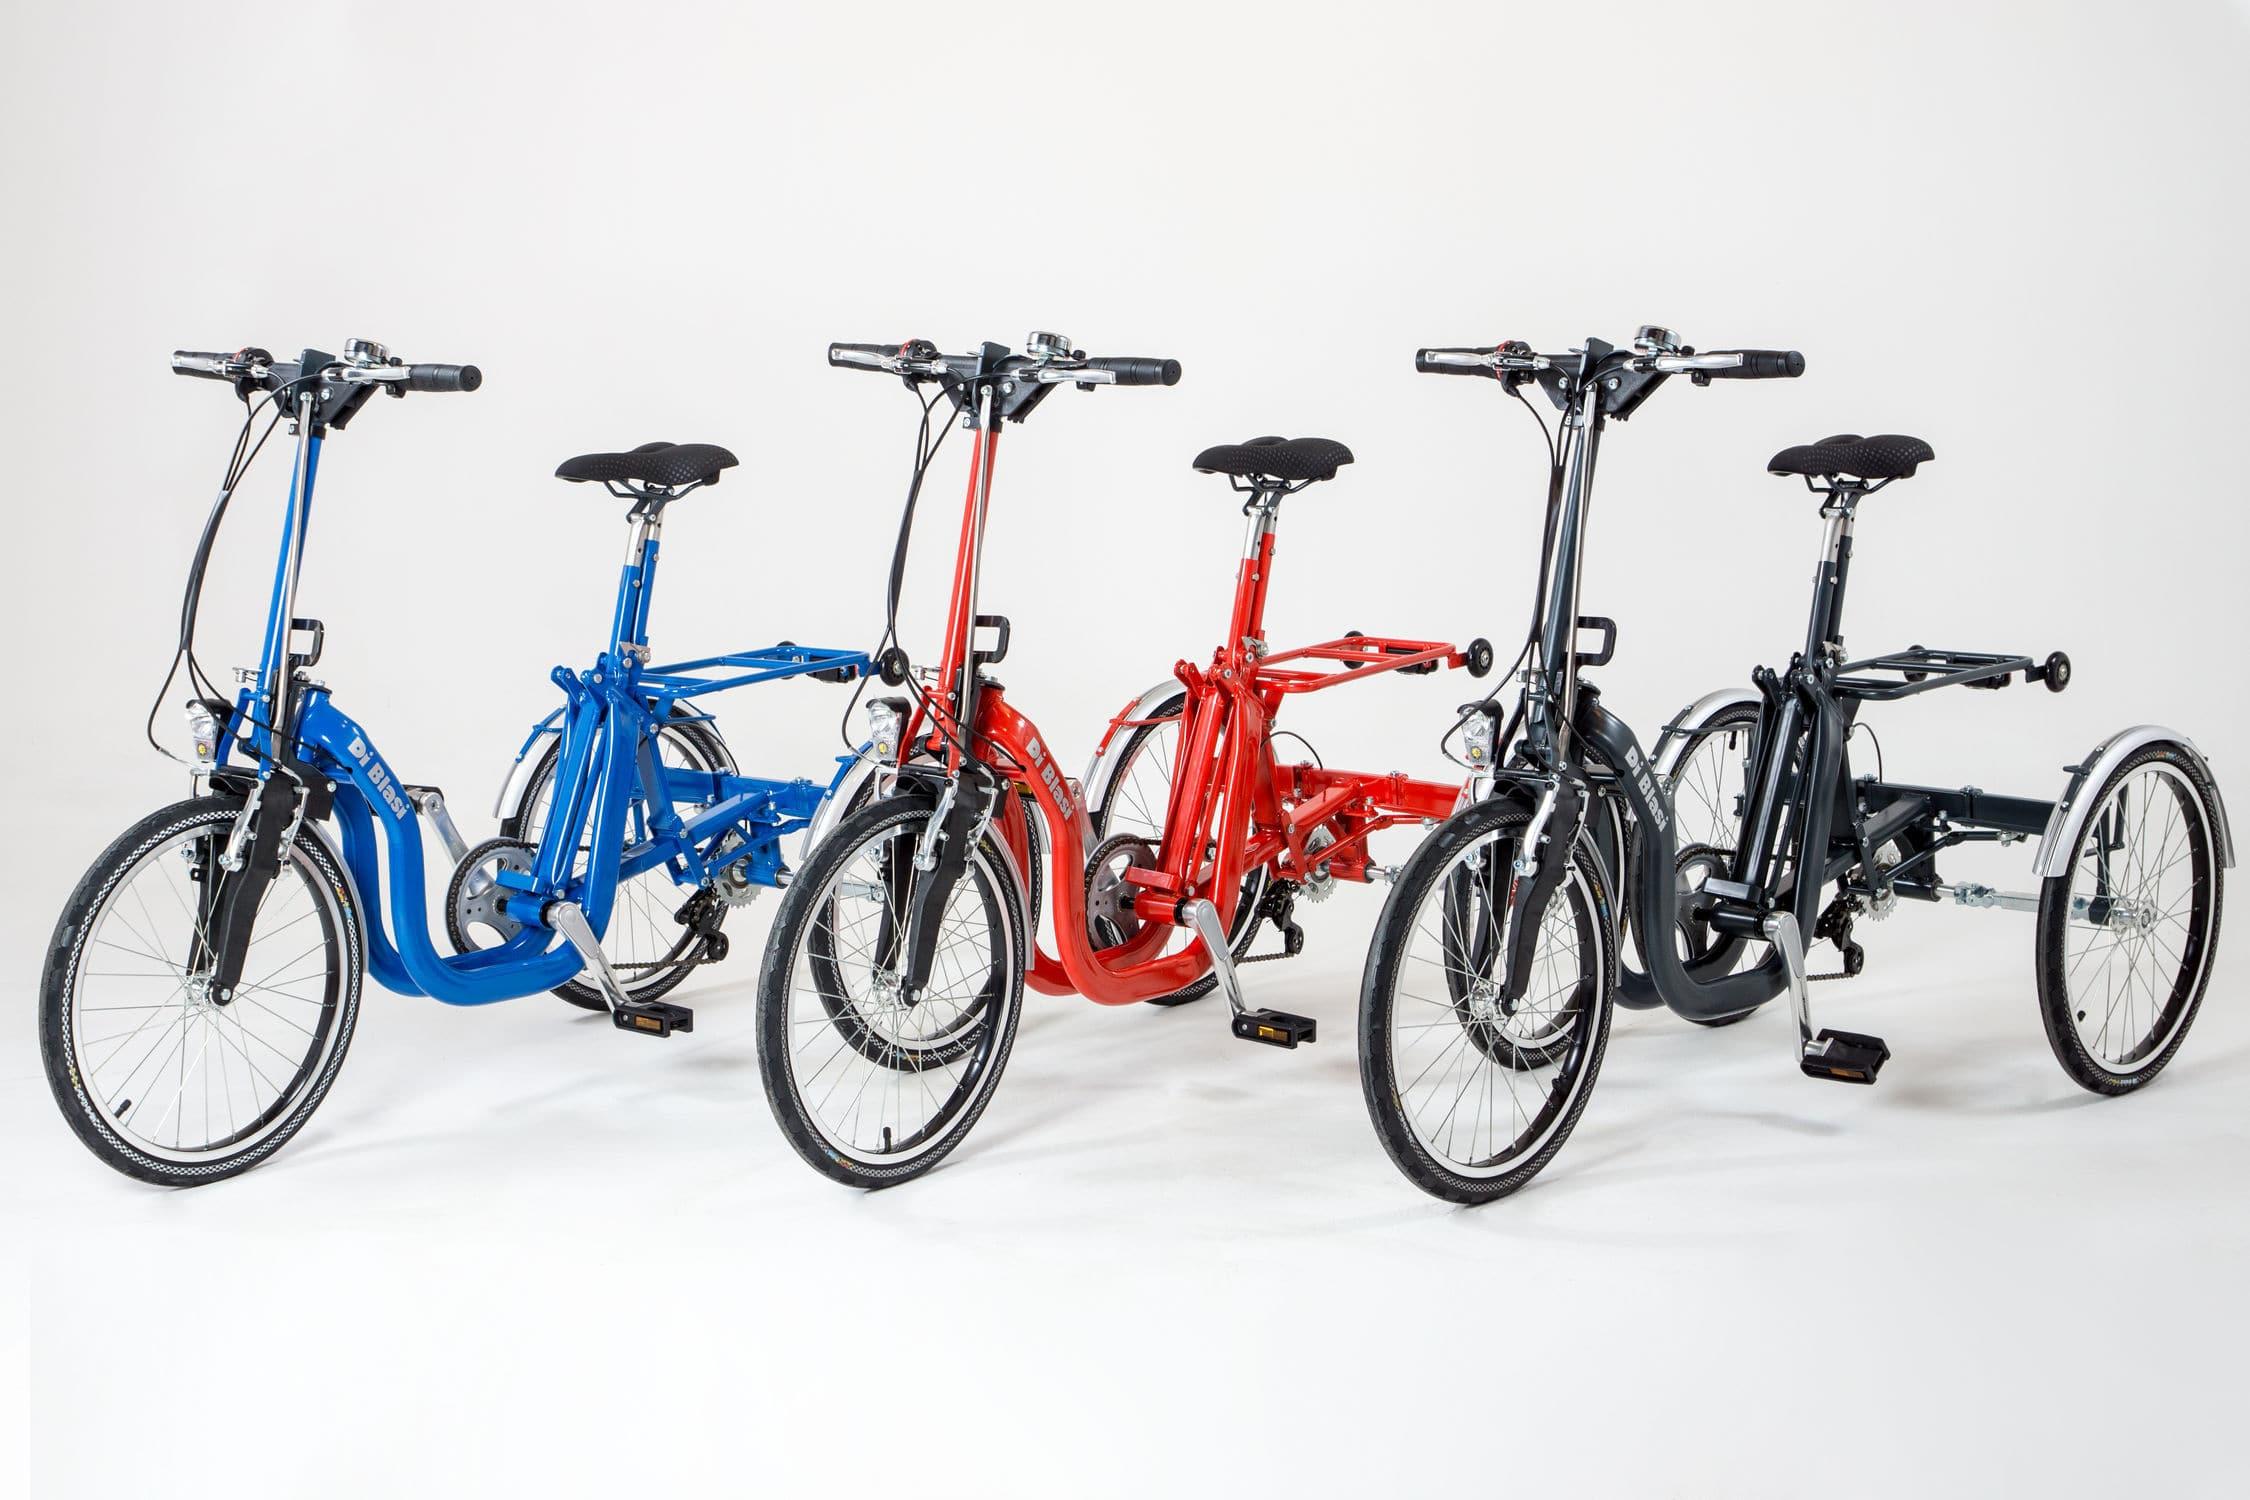 Bici Pieghevole Di Blasi.Triciclo Ortopedico Para Adulto Plegable Con Palancas